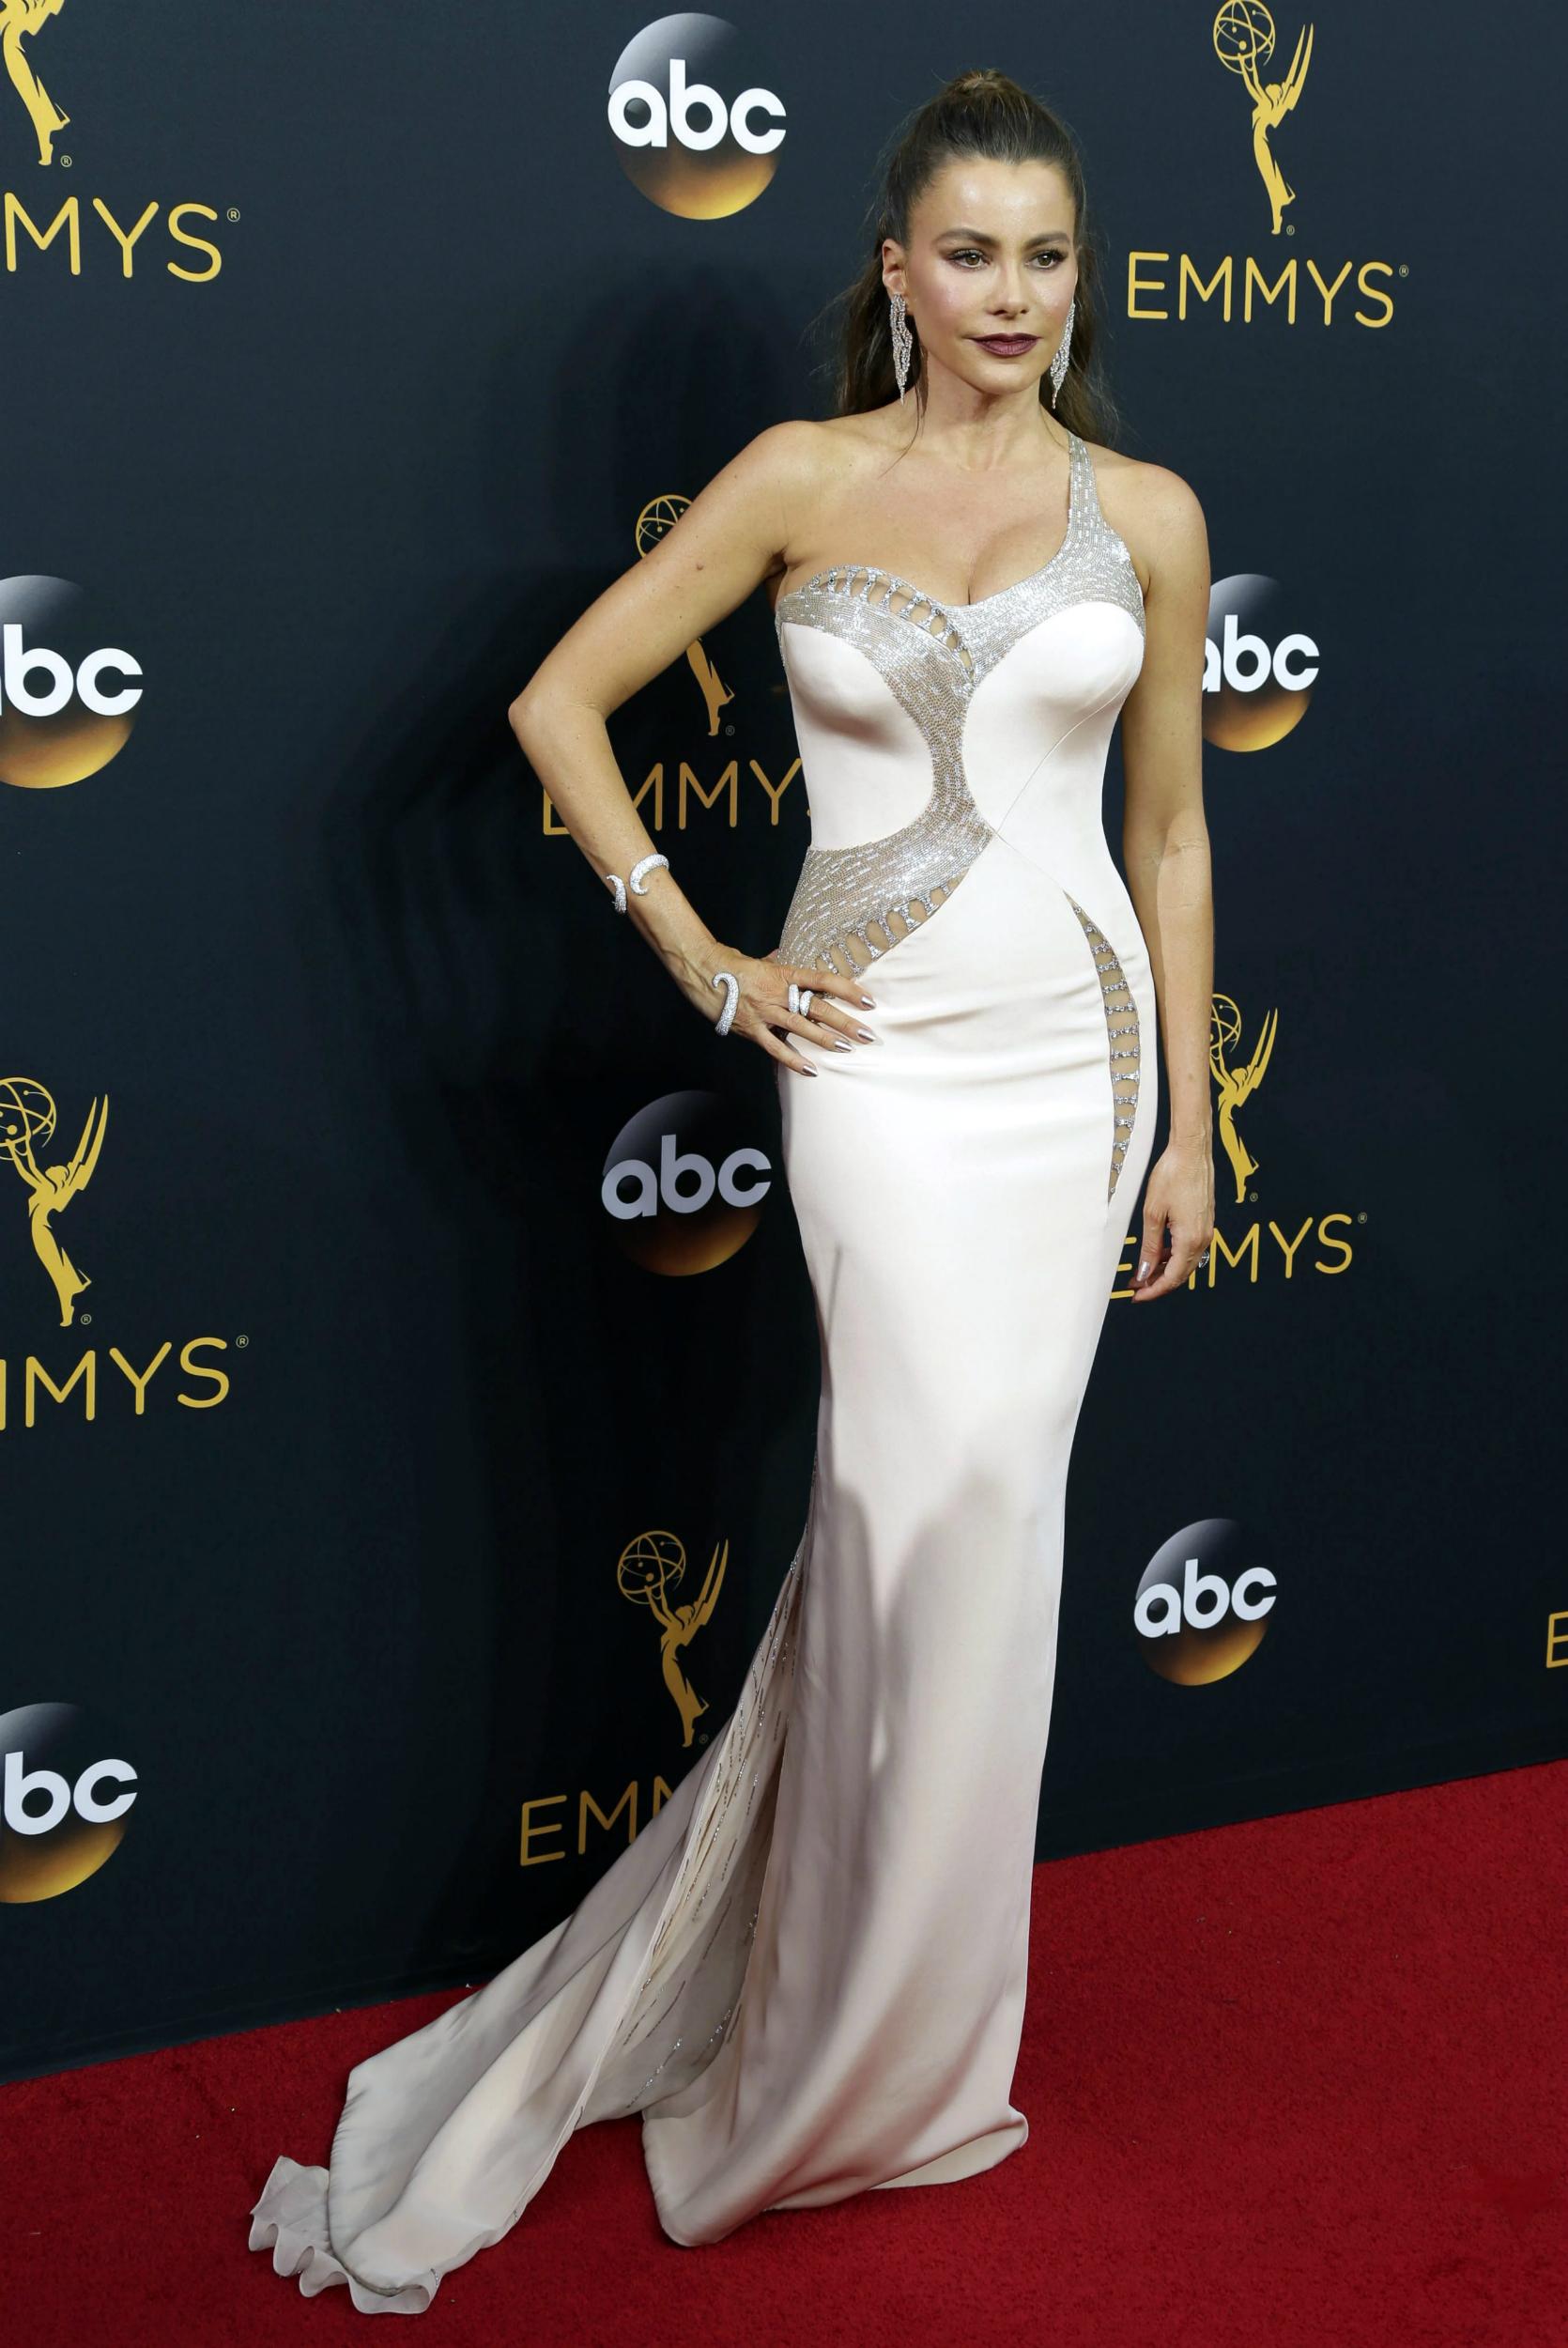 La actriz colombiana Sofía Vergara reconoció que superó un cáncer de tiroides cuando tenía 28 años. EFE/EPA/PAUL BUCK